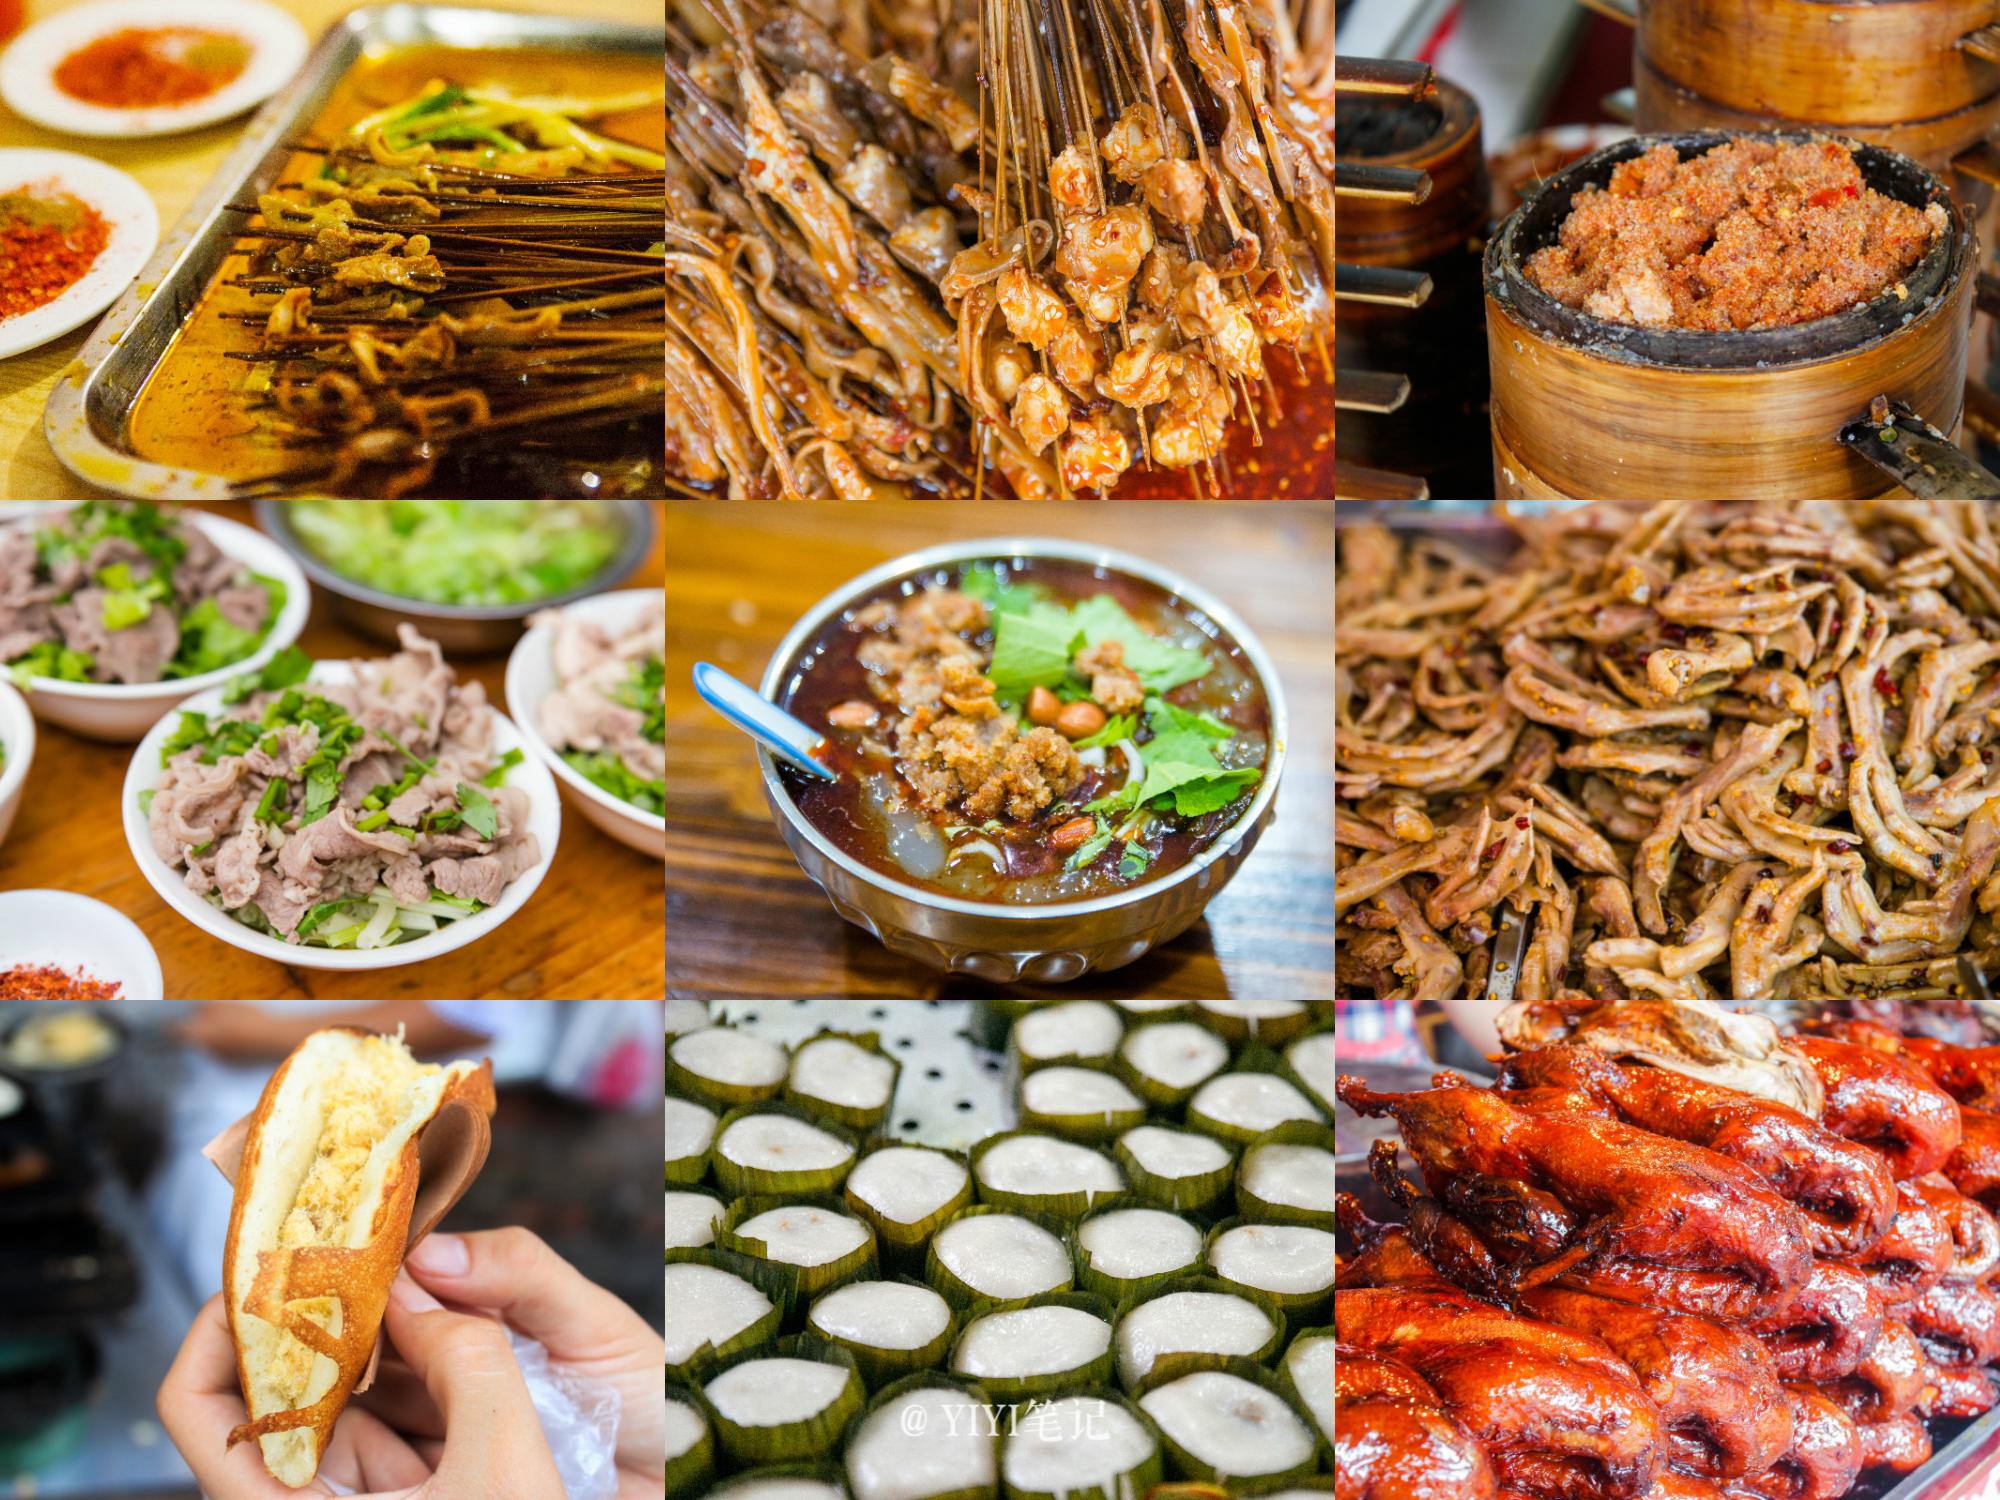 Mount Emeishan food